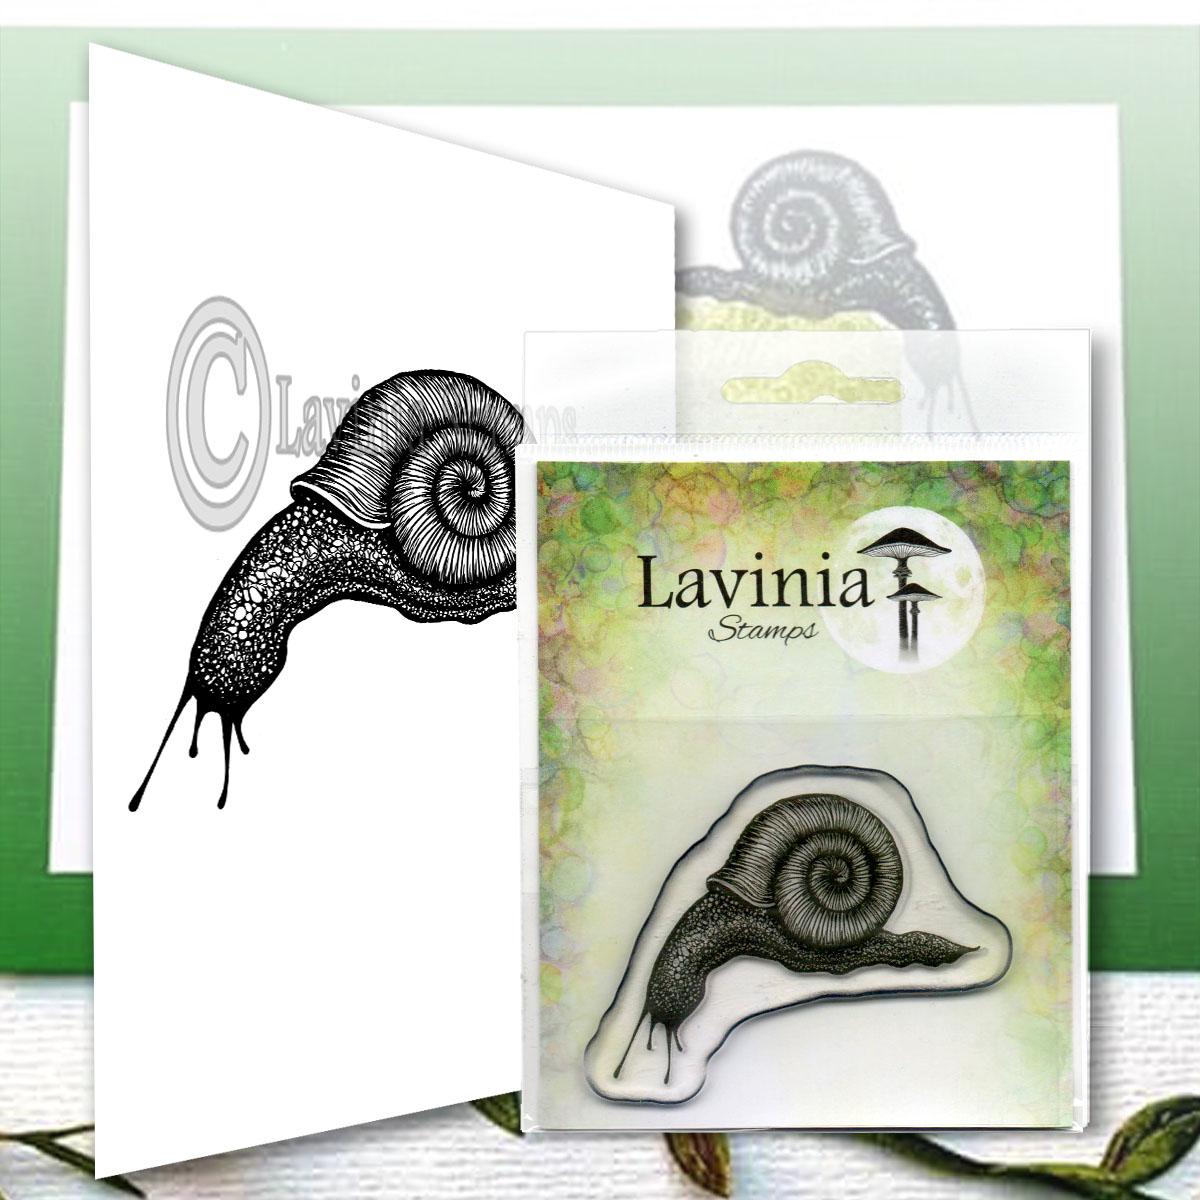 Lavinia Stamps - Sidney Snail